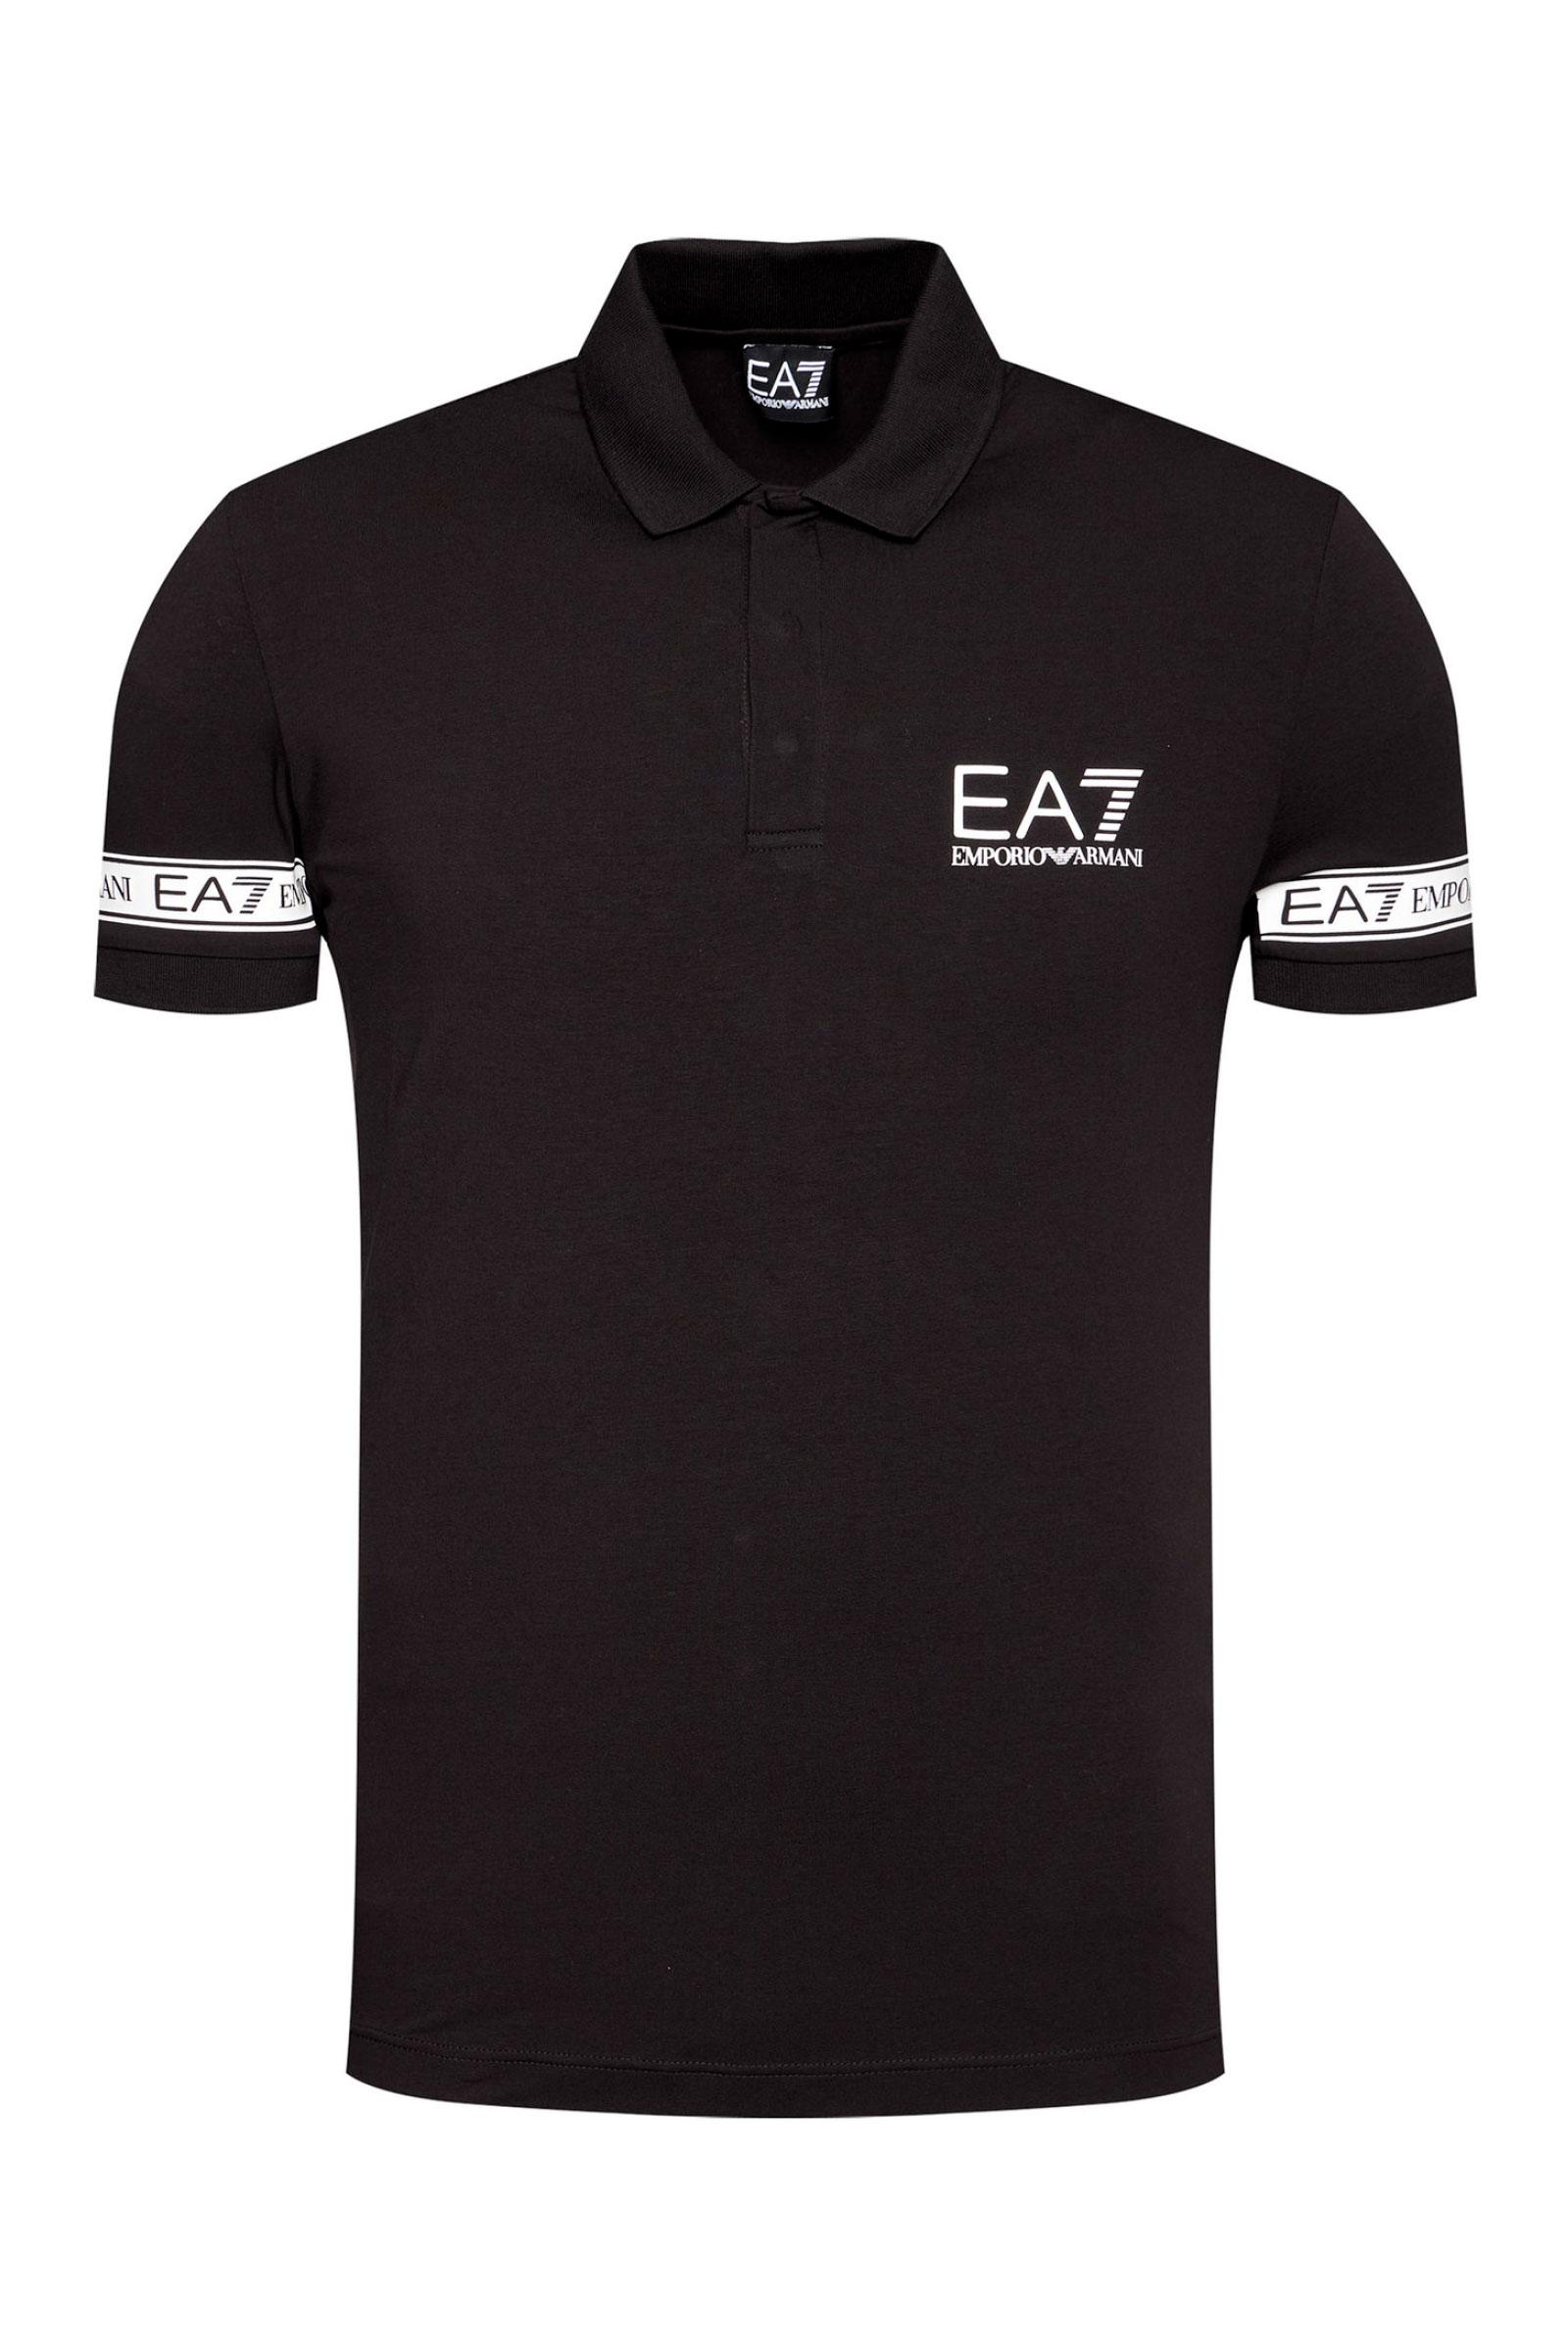 ARMANI EA7 Camicia Uomo ARMANI EA7 | Polo | 3KPF04 PJ03Z1200